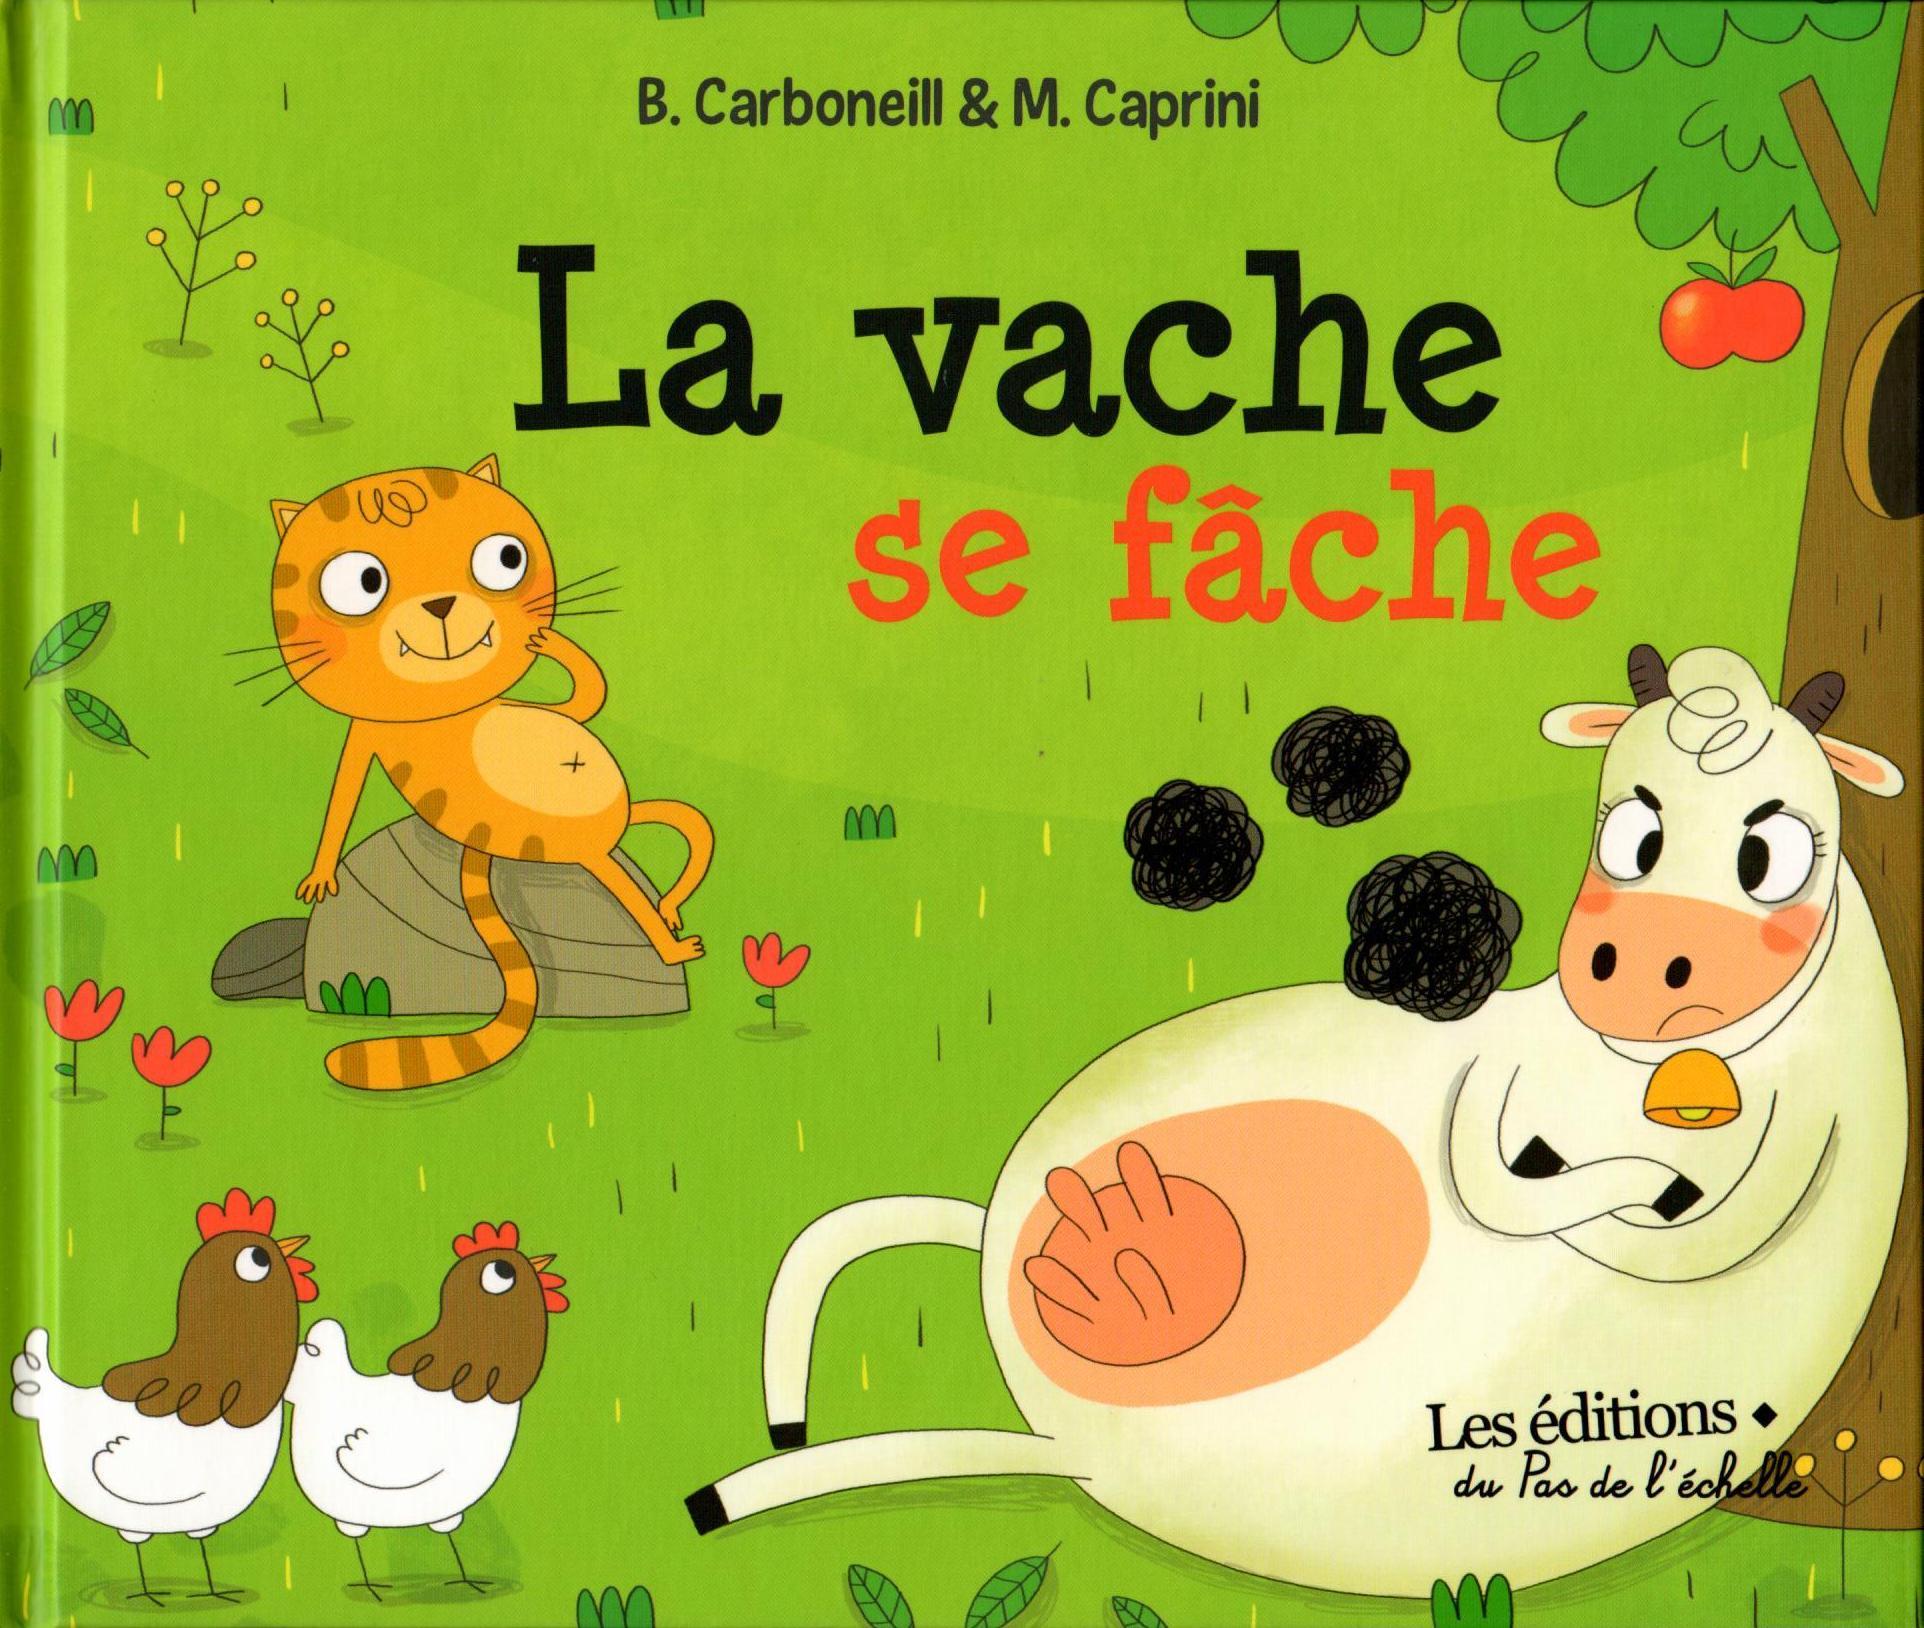 LA VACHE SE FACHE/ LE PAS DE L'ECHELLE